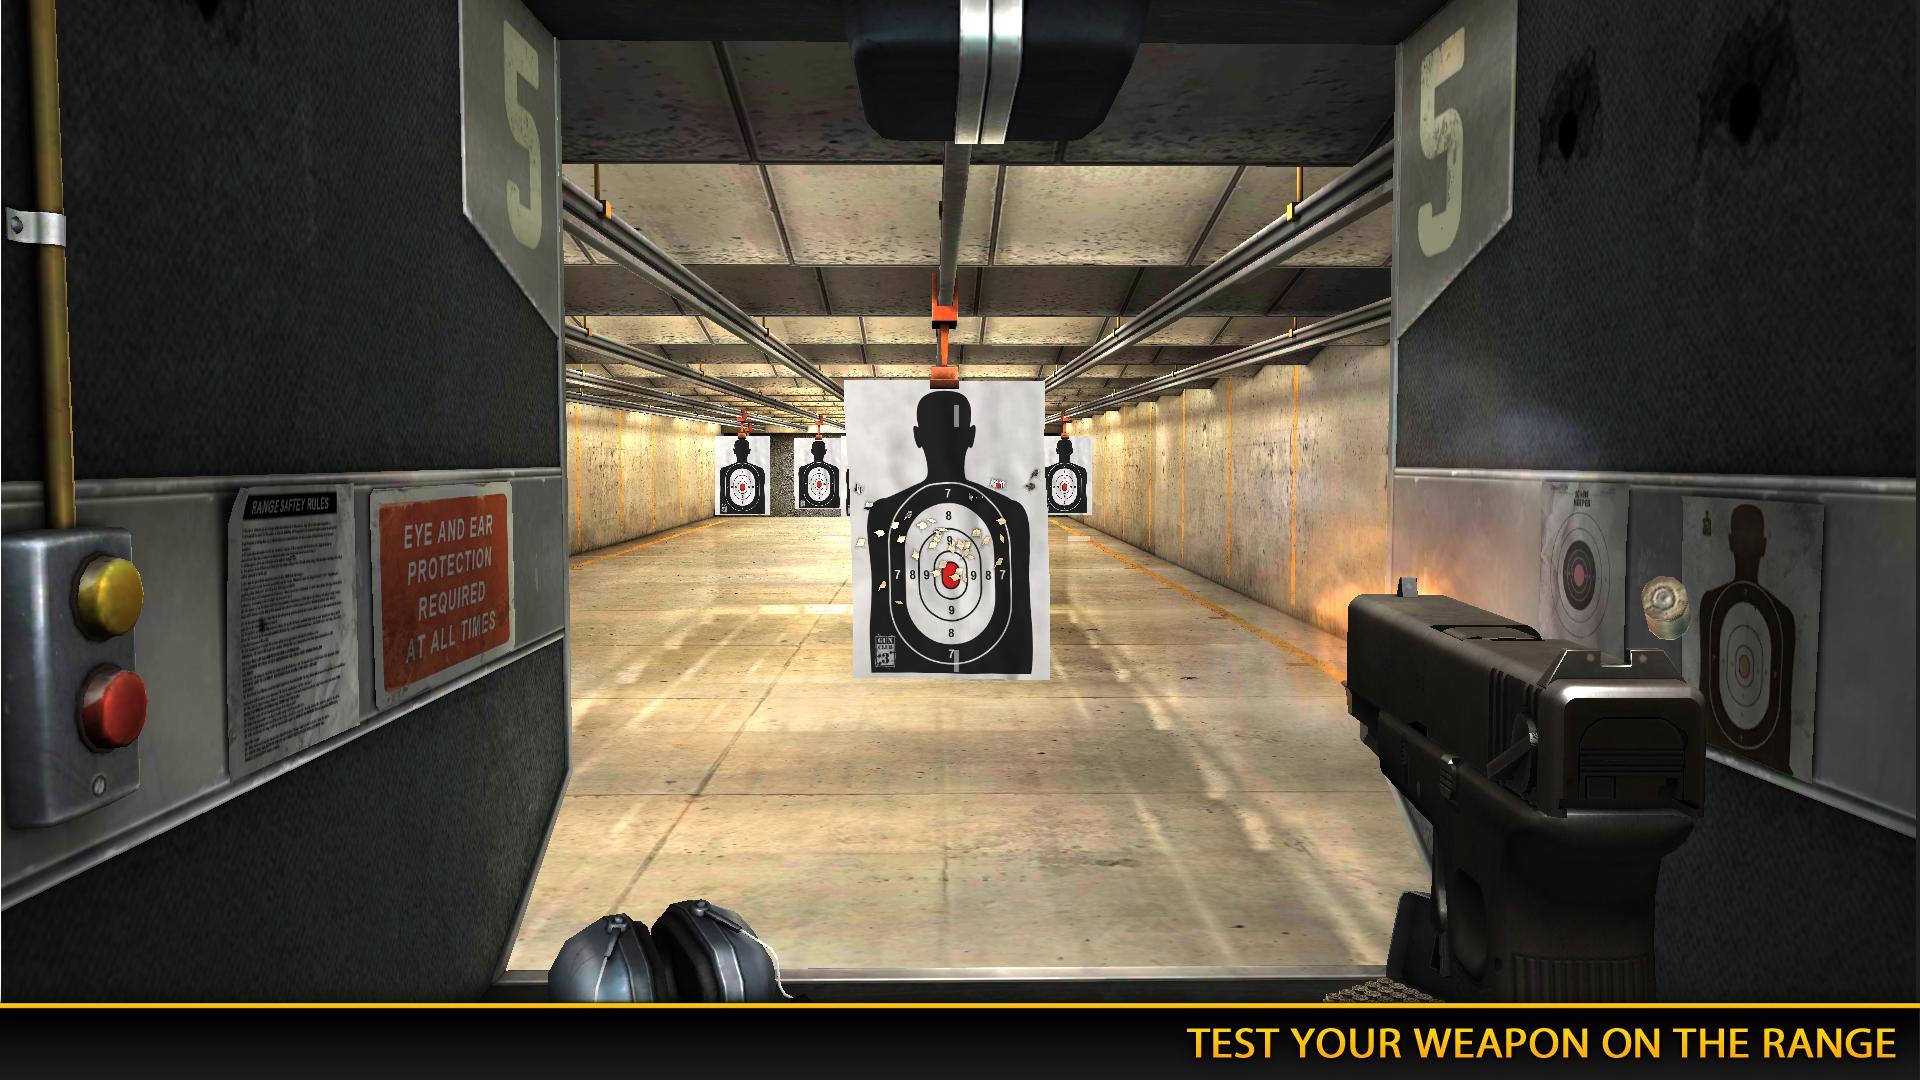 скачать взлом gun club armory